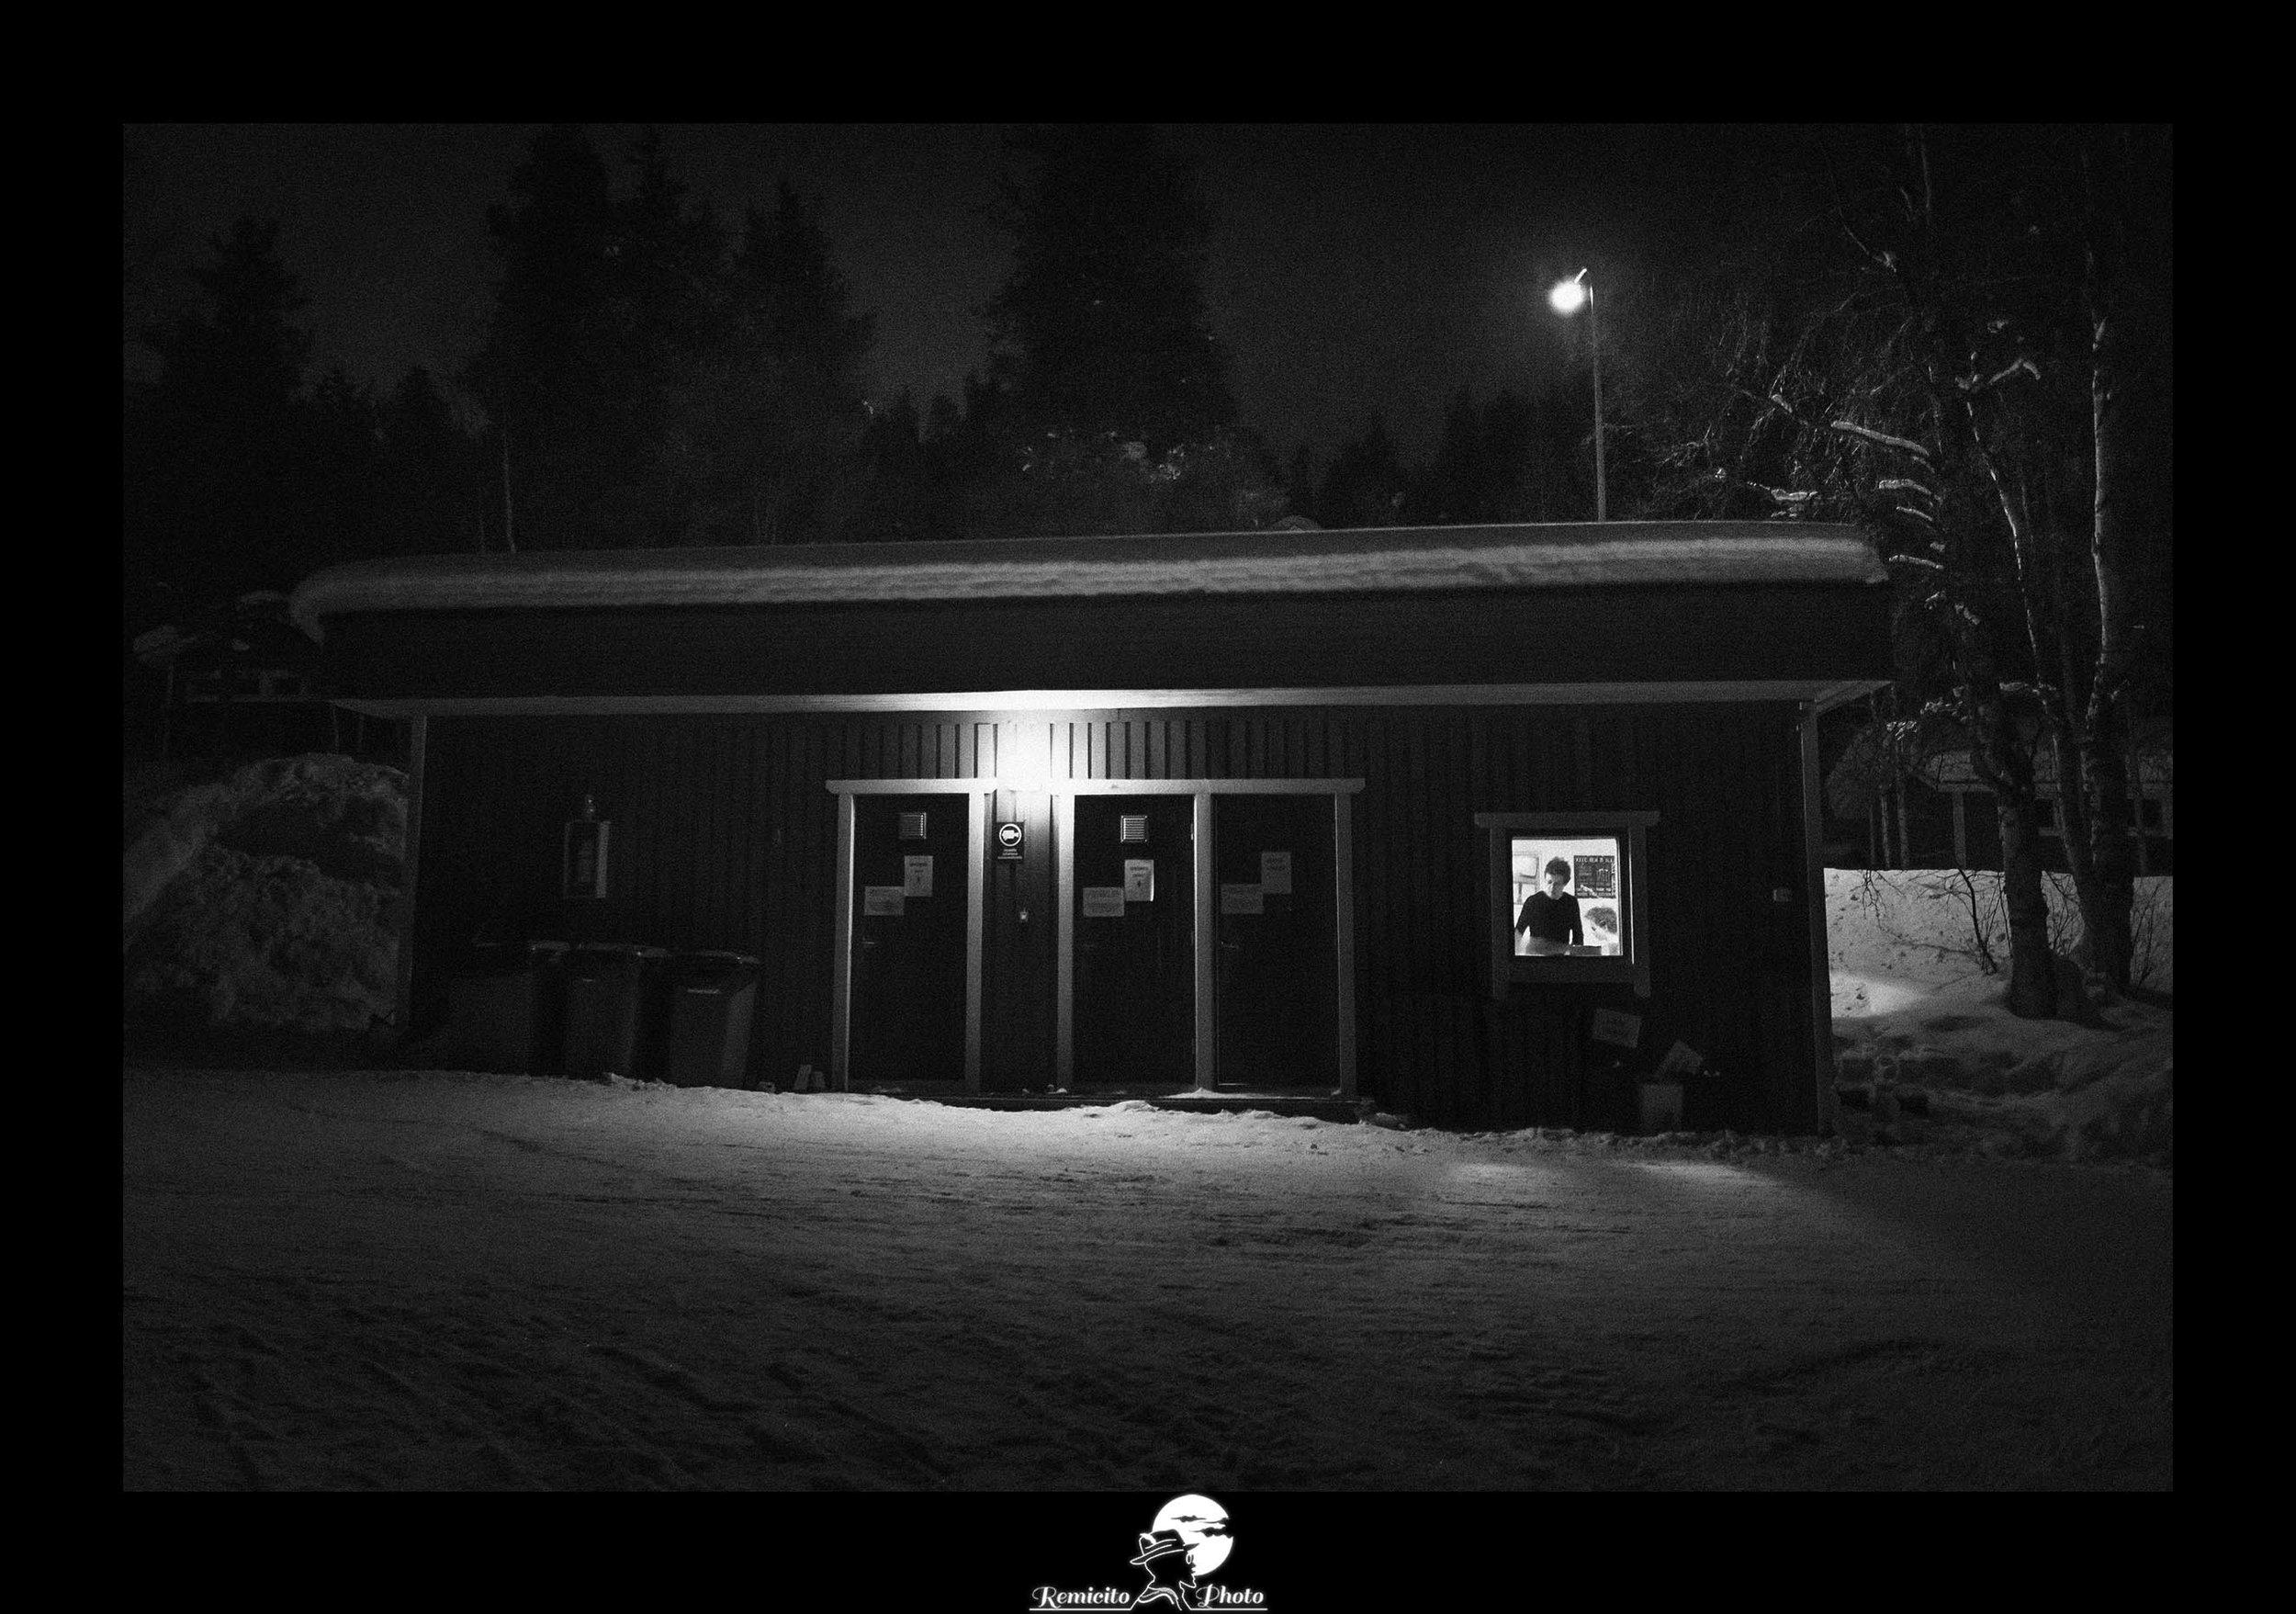 Remicito photo, remicito rémi lacombe photographe voyage, belle photo idée cadeau noir et blanc, belle photo finlande noir et blanc